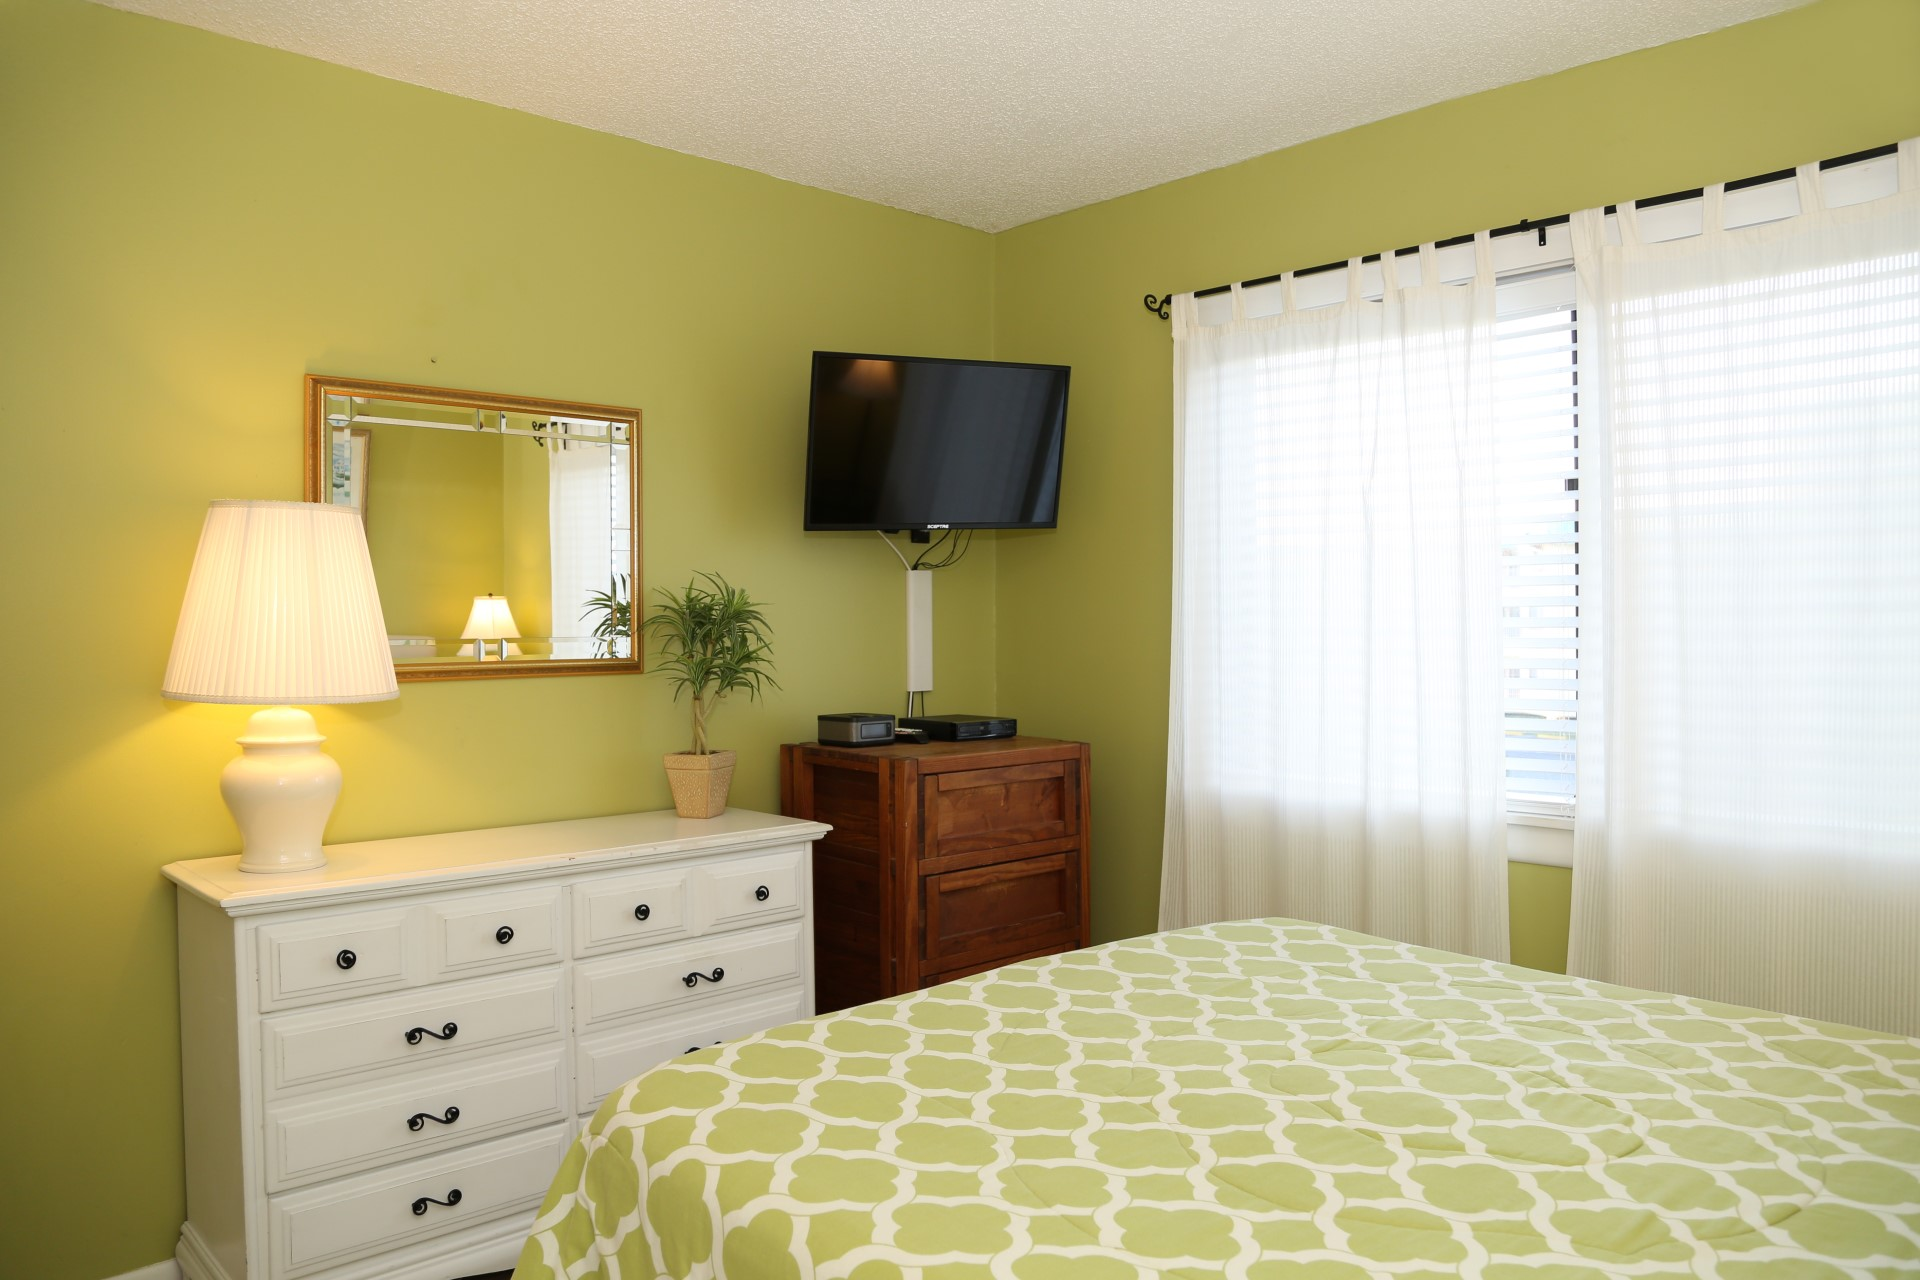 Master bedroom - tv